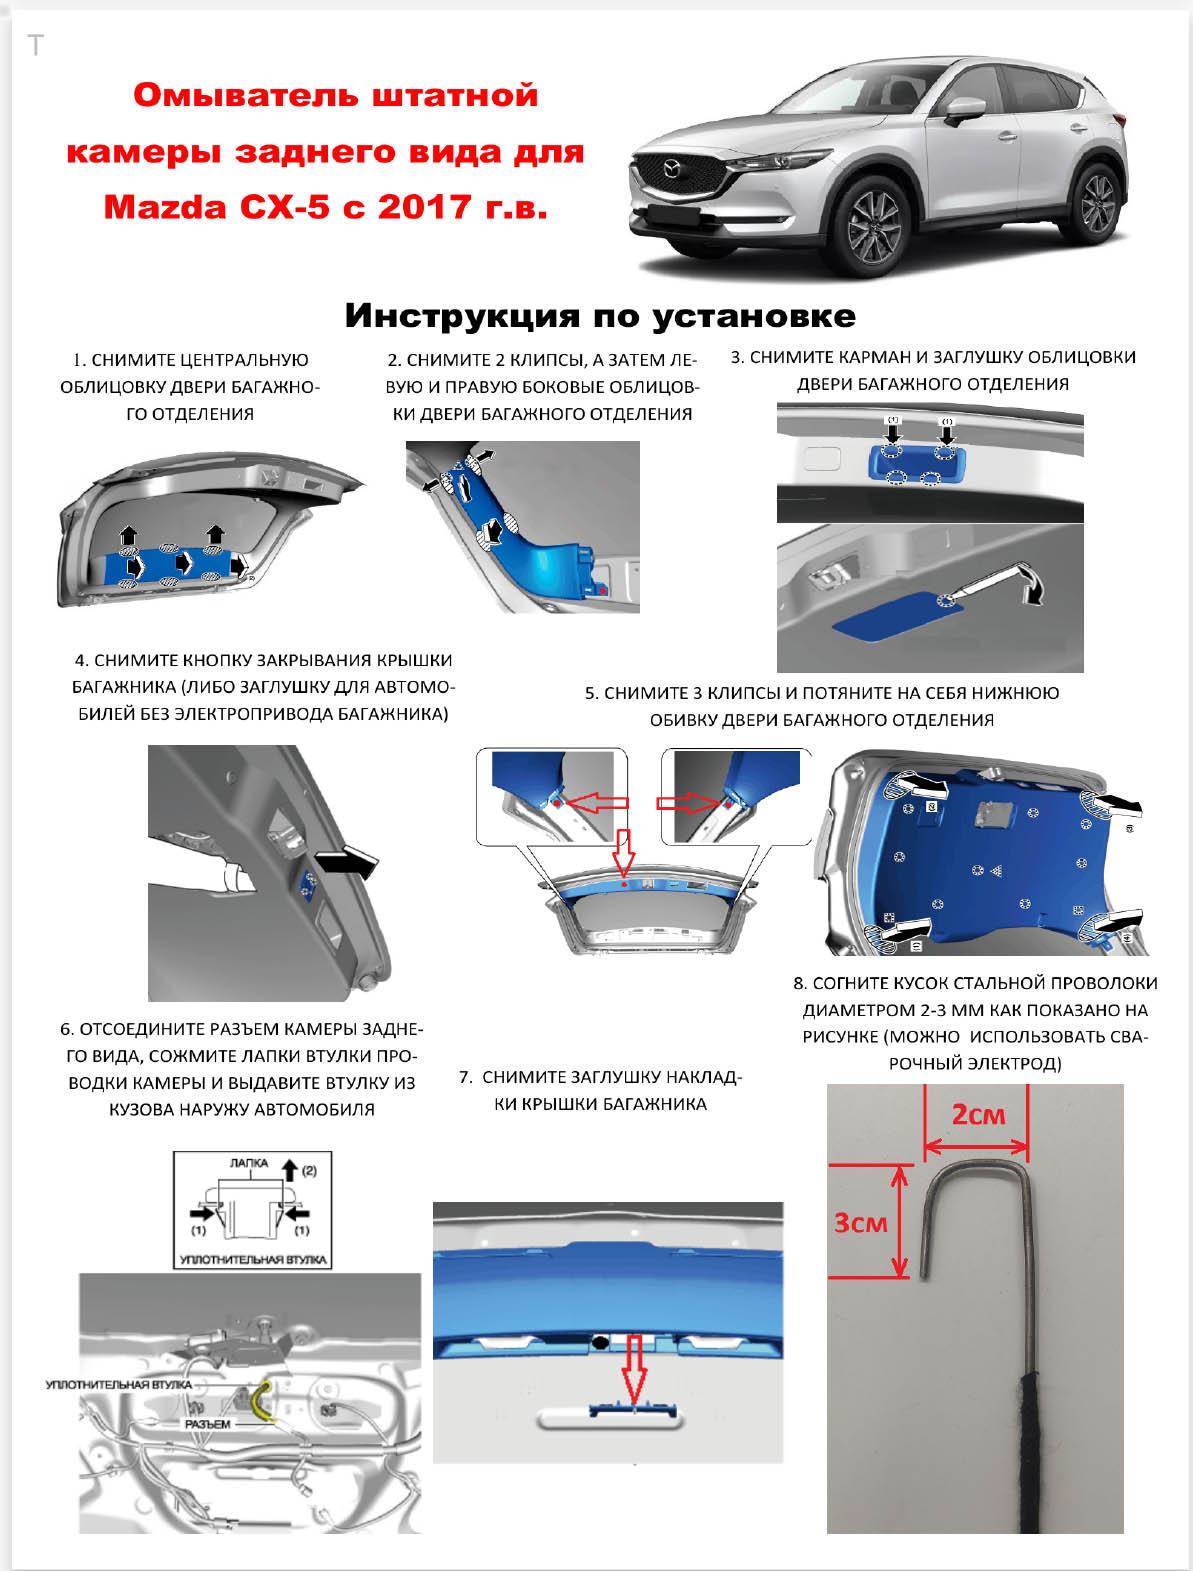 Инструкция по установке омывателя камеры заднего вида для Mazda CX-5 Restyle